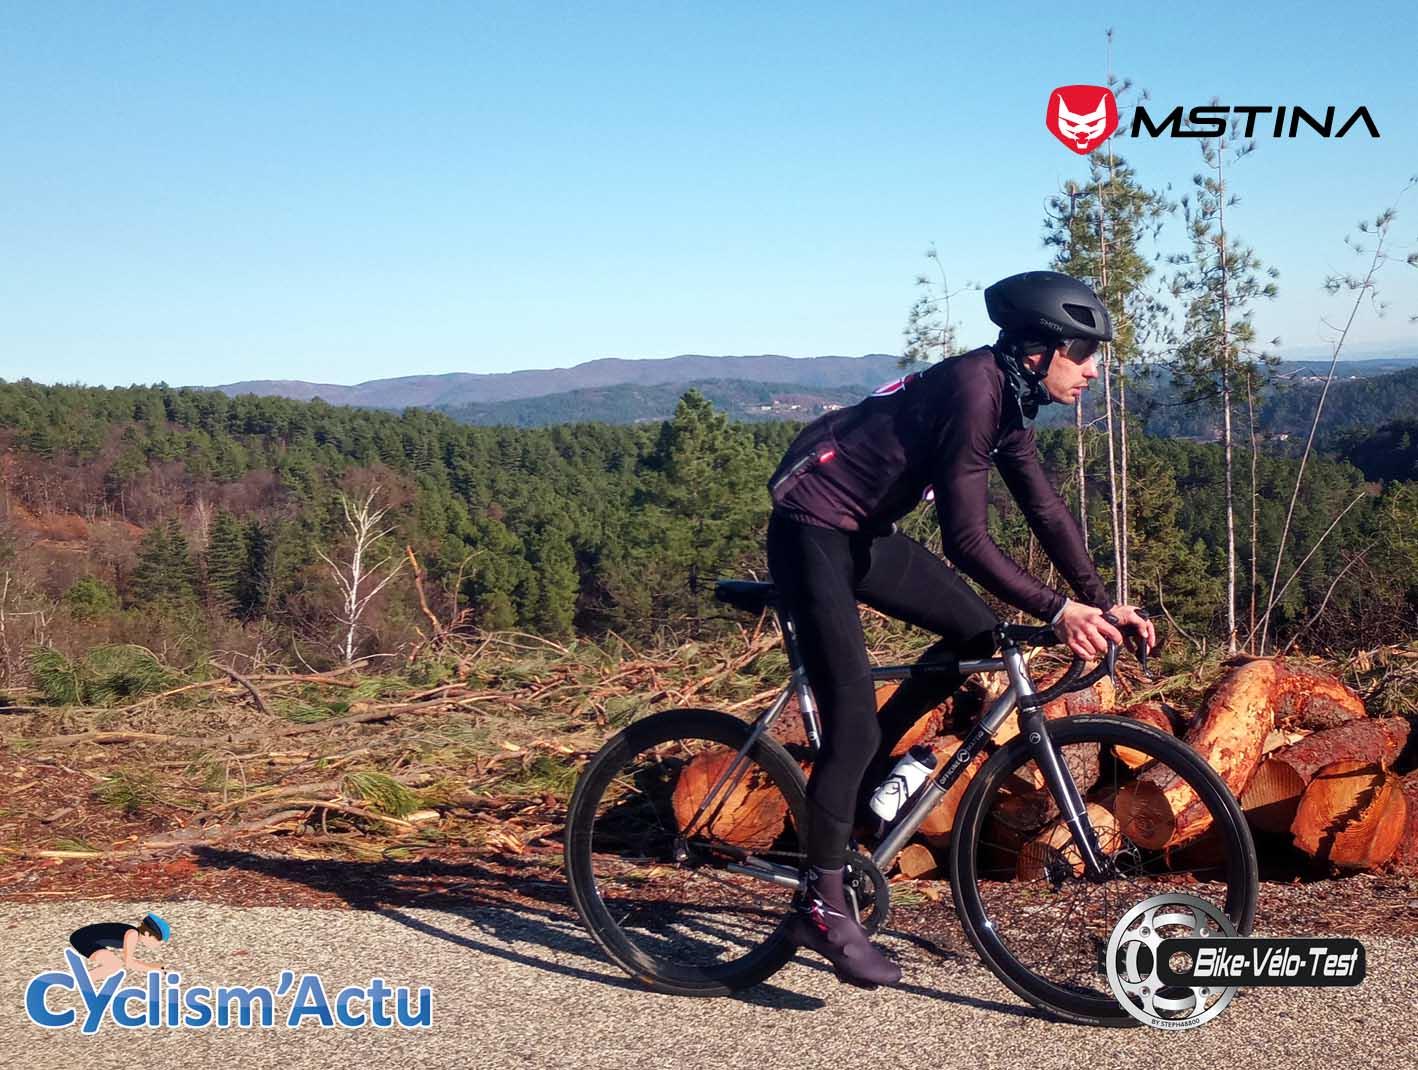 Bike Vélo Test - Cyclism'Actu avait testé : la tenue MS-Tina